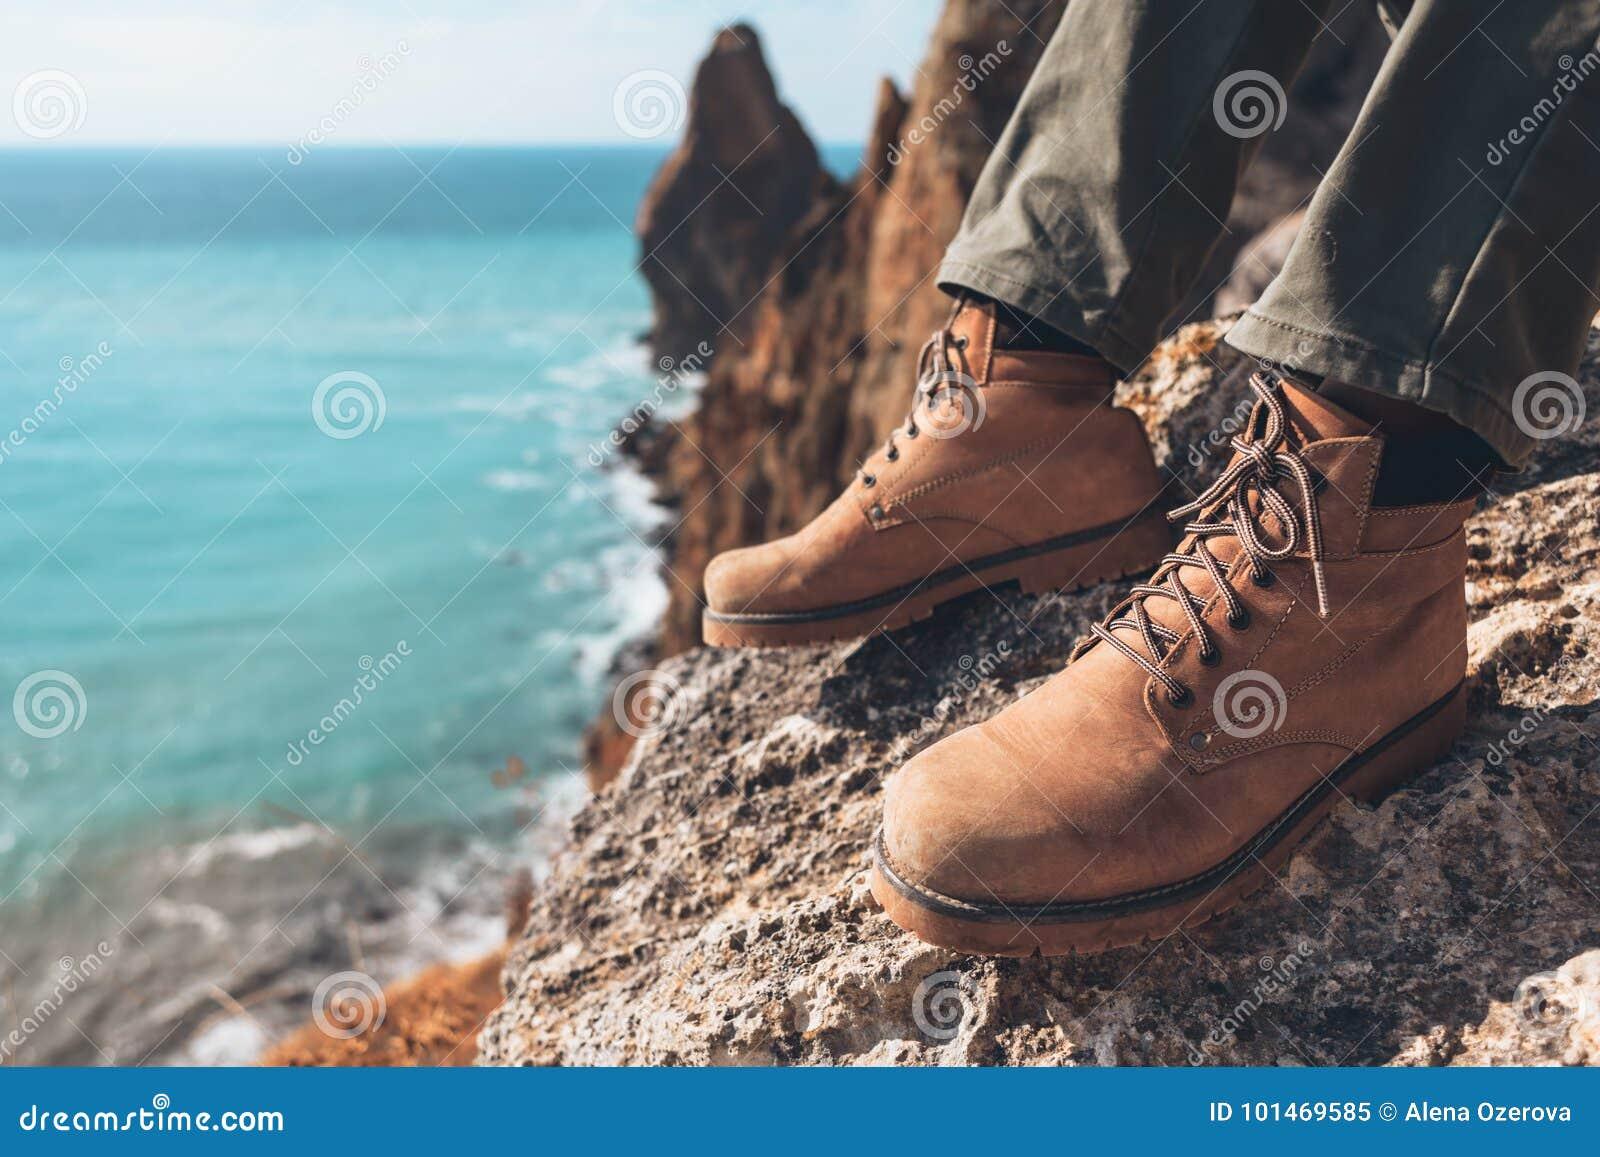 Παπούτσια πεζοπορίας πέρα από το τοπίο θάλασσας Στοκ Εικόνα - εικόνα ... b5f7f9563f4